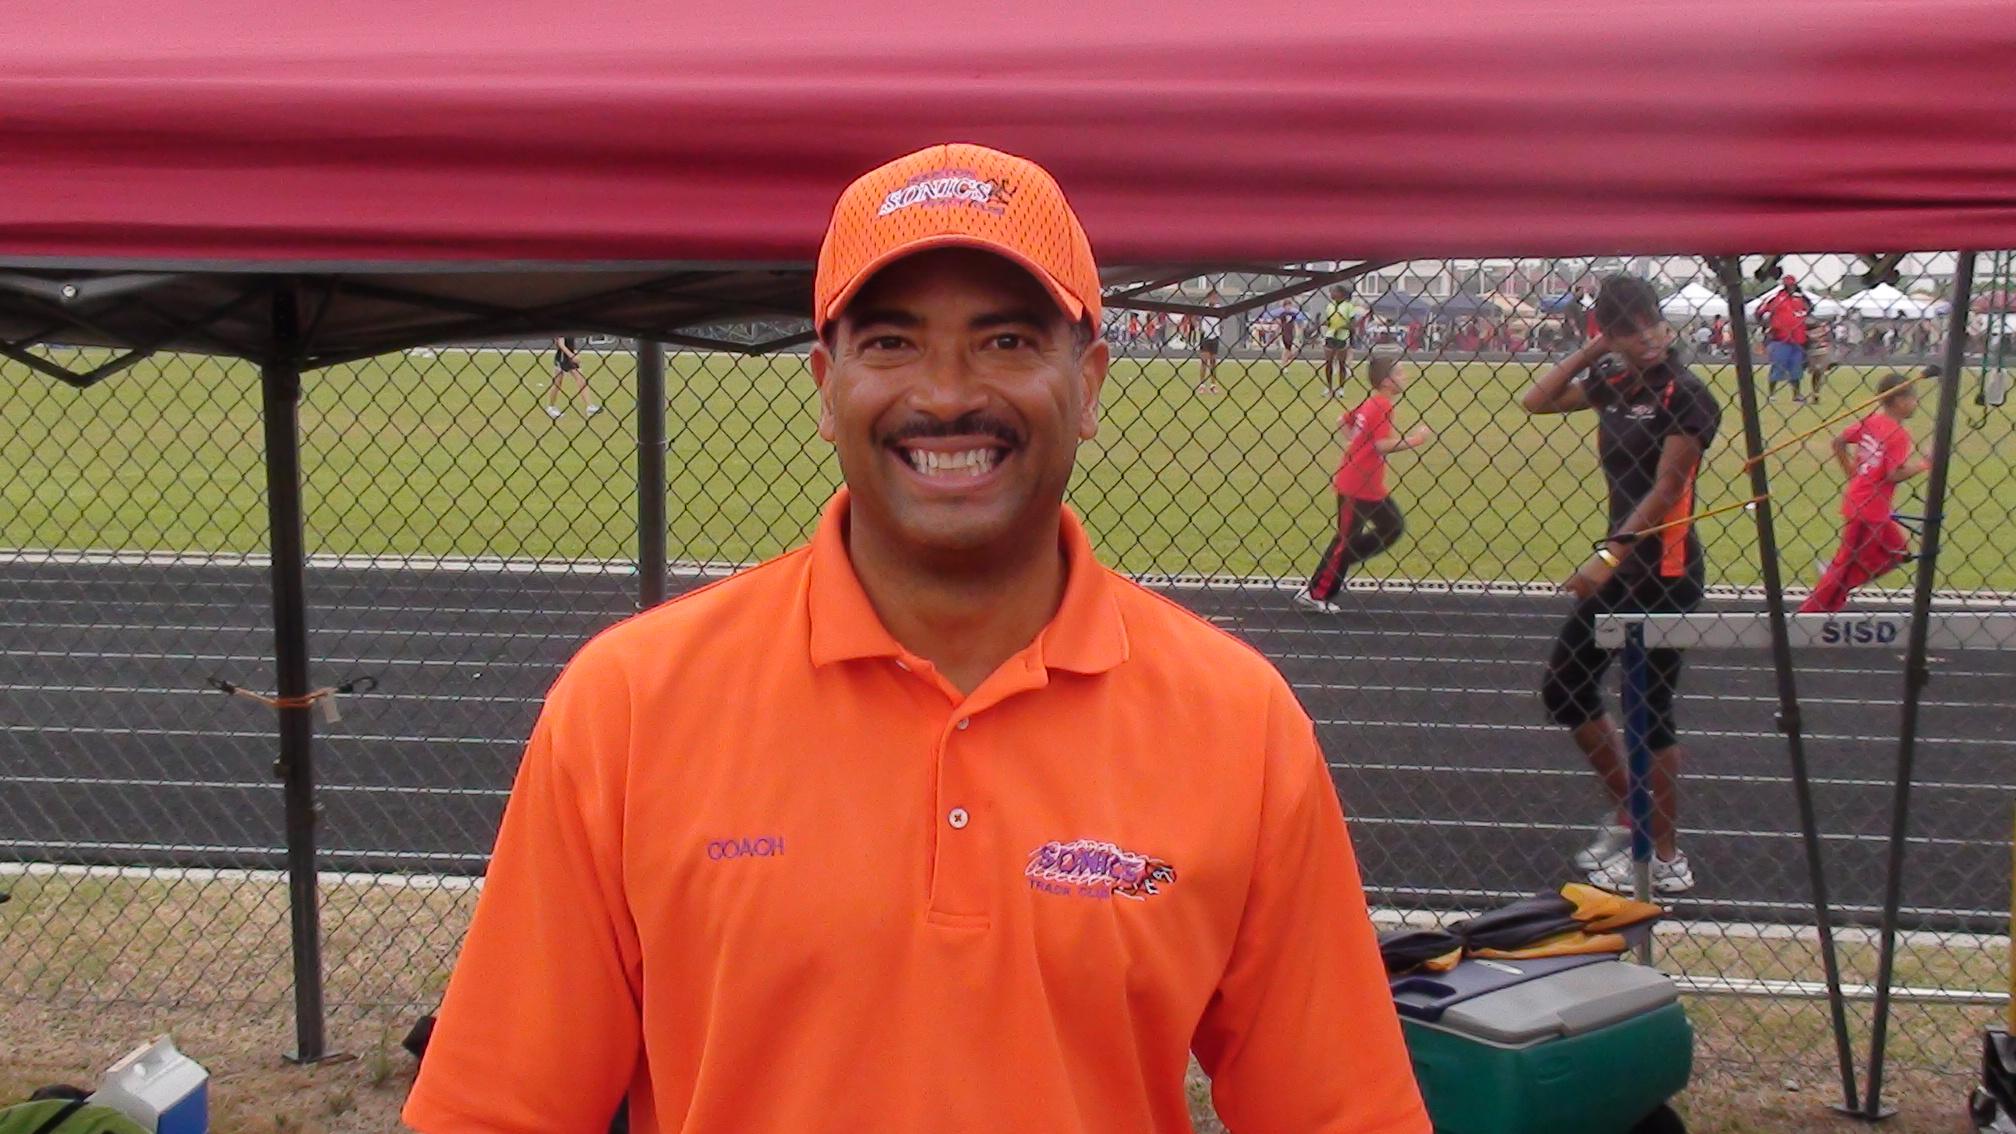 Coach Dana Raspberry